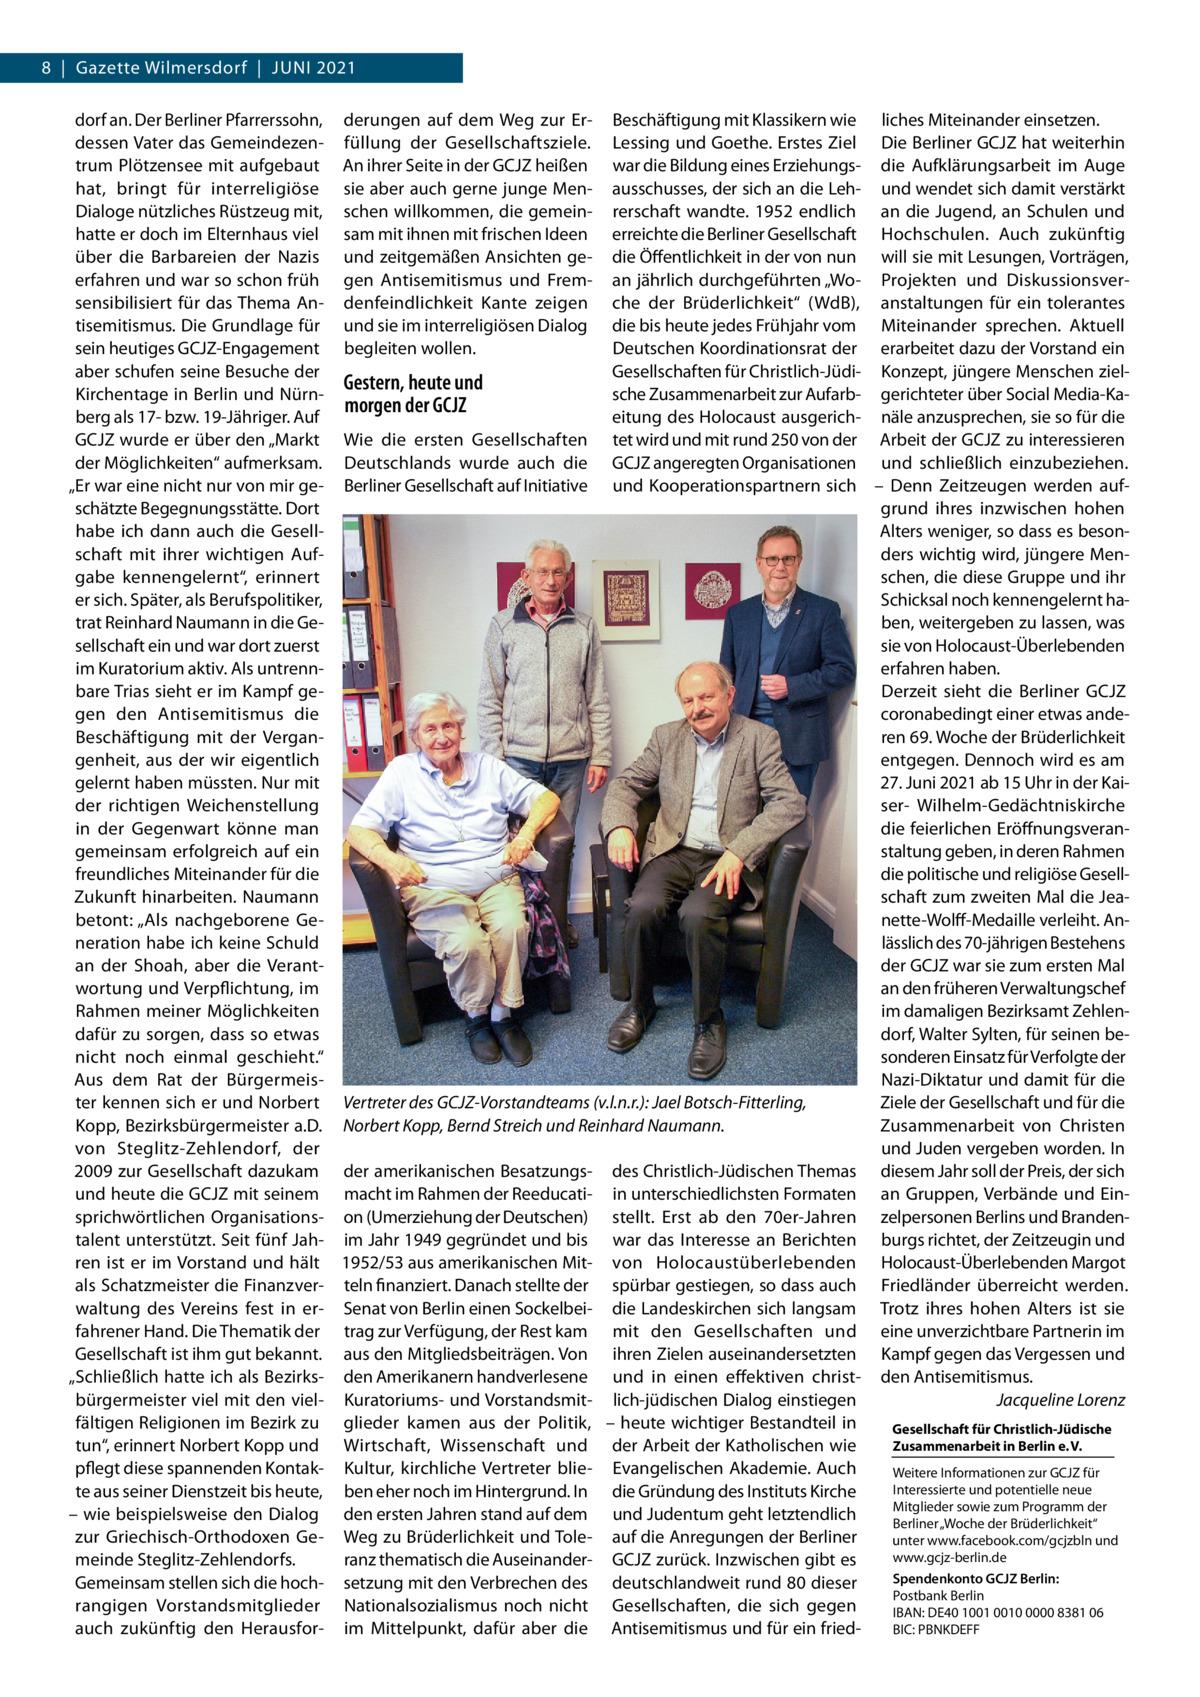 """8 Gazette Wilmersdorf Juni 2021 dorf an. Der Berliner Pfarrerssohn, derungen auf dem Weg zur Er- Beschäftigung mit Klassikern wie liches Miteinander einsetzen. dessen Vater das Gemeindezen- füllung der Gesellschaftsziele. Lessing und Goethe. Erstes Ziel Die Berliner GCJZ hat weiterhin trum Plötzensee mit aufgebaut An ihrer Seite in der GCJZ heißen war die Bildung eines Erziehungs- die Aufklärungsarbeit im Auge hat, bringt für interreligiöse sie aber auch gerne junge Men- ausschusses, der sich an die Leh- und wendet sich damit verstärkt Dialoge nützliches Rüstzeug mit, schen willkommen, die gemein- rerschaft wandte. 1952 endlich an die Jugend, an Schulen und hatte er doch im Elternhaus viel sam mit ihnen mit frischen Ideen erreichte die Berliner Gesellschaft Hochschulen. Auch zukünftig über die Barbareien der Nazis und zeitgemäßen Ansichten ge- die Öffentlichkeit in der von nun will sie mit Lesungen, Vorträgen, erfahren und war so schon früh gen Antisemitismus und Frem- an jährlich durchgeführten """"Wo- Projekten und Diskussionsversensibilisiert für das Thema An- denfeindlichkeit Kante zeigen che der Brüderlichkeit"""" (WdB), anstaltungen für ein tolerantes tisemitismus. Die Grundlage für und sie im interreligiösen Dialog die bis heute jedes Frühjahr vom Miteinander sprechen. Aktuell sein heutiges GCJZ-Engagement begleiten wollen. Deutschen Koordinationsrat der erarbeitet dazu der Vorstand ein aber schufen seine Besuche der Gesellschaften für Christlich-Jüdi- Konzept, jüngere Menschen zielGestern, heute und Kirchentage in Berlin und Nürnsche Zusammenarbeit zur Aufarb- gerichteter über Social Media-Kamorgen der GCJZ berg als 17- bzw. 19-Jähriger. Auf eitung des Holocaust ausgerich- näle anzusprechen, sie so für die GCJZ wurde er über den """"Markt Wie die ersten Gesellschaften tet wird und mit rund 250 von der Arbeit der GCJZ zu interessieren der Möglichkeiten"""" aufmerksam. Deutschlands wurde auch die GCJZ angeregten Organisationen und schließlich einzubeziehen. """"Er war eine n"""